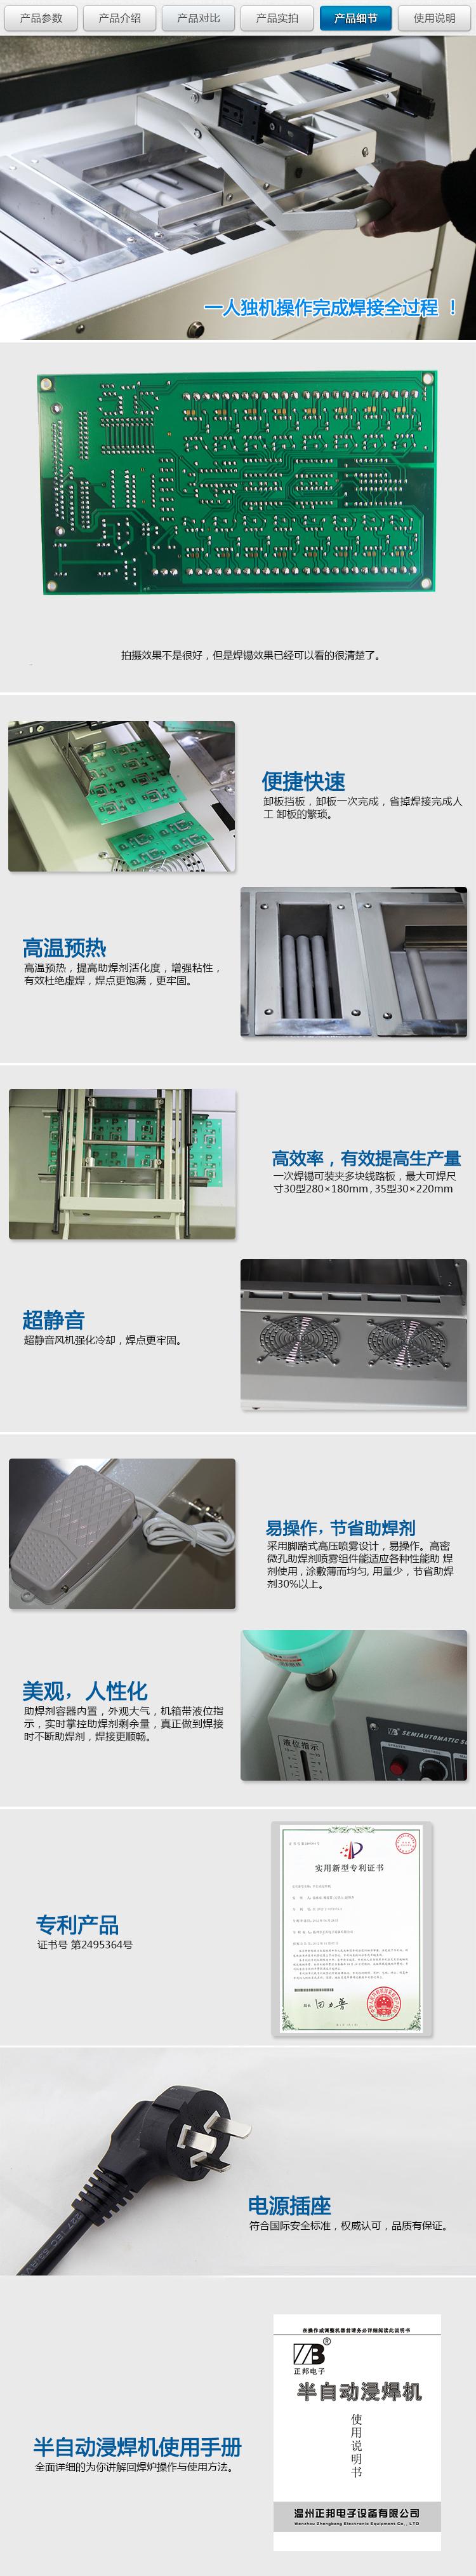 插件焊锡机 半自动浸焊机 线路板无铅锡炉 恒温熔锡炉 PCB熔锡炉